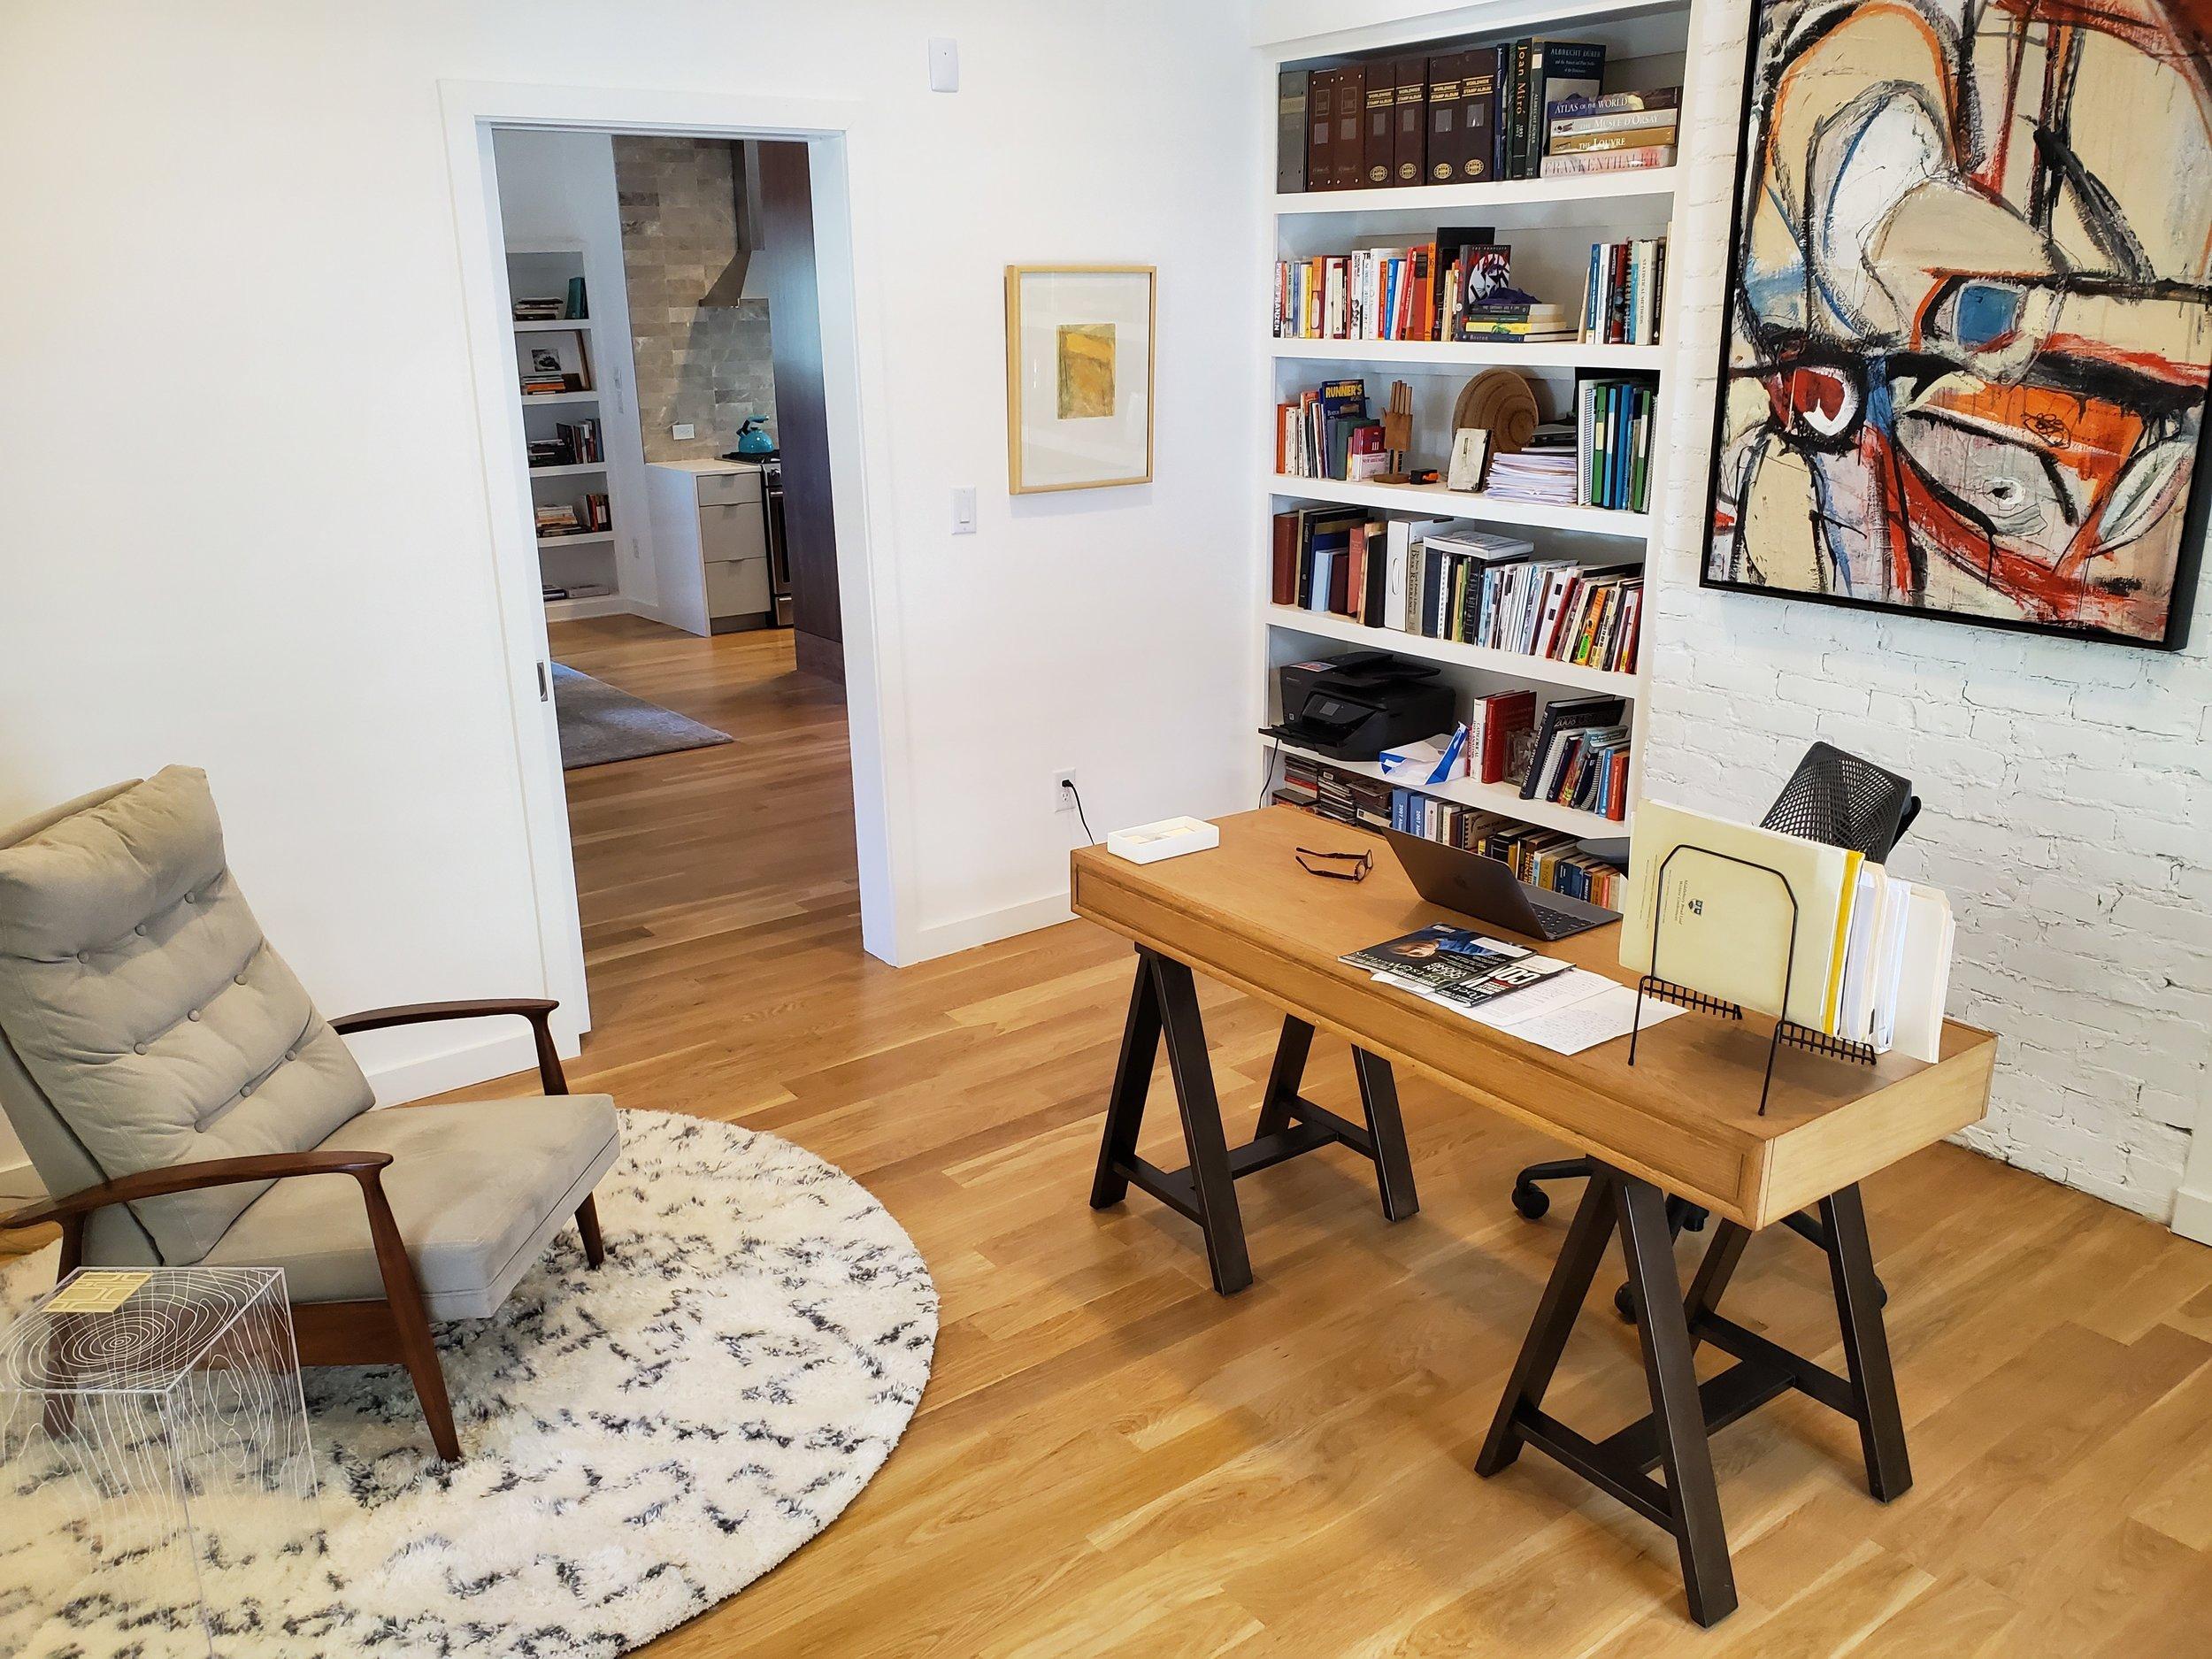 Jane's writing space. (Photo courtesy of Jane.)